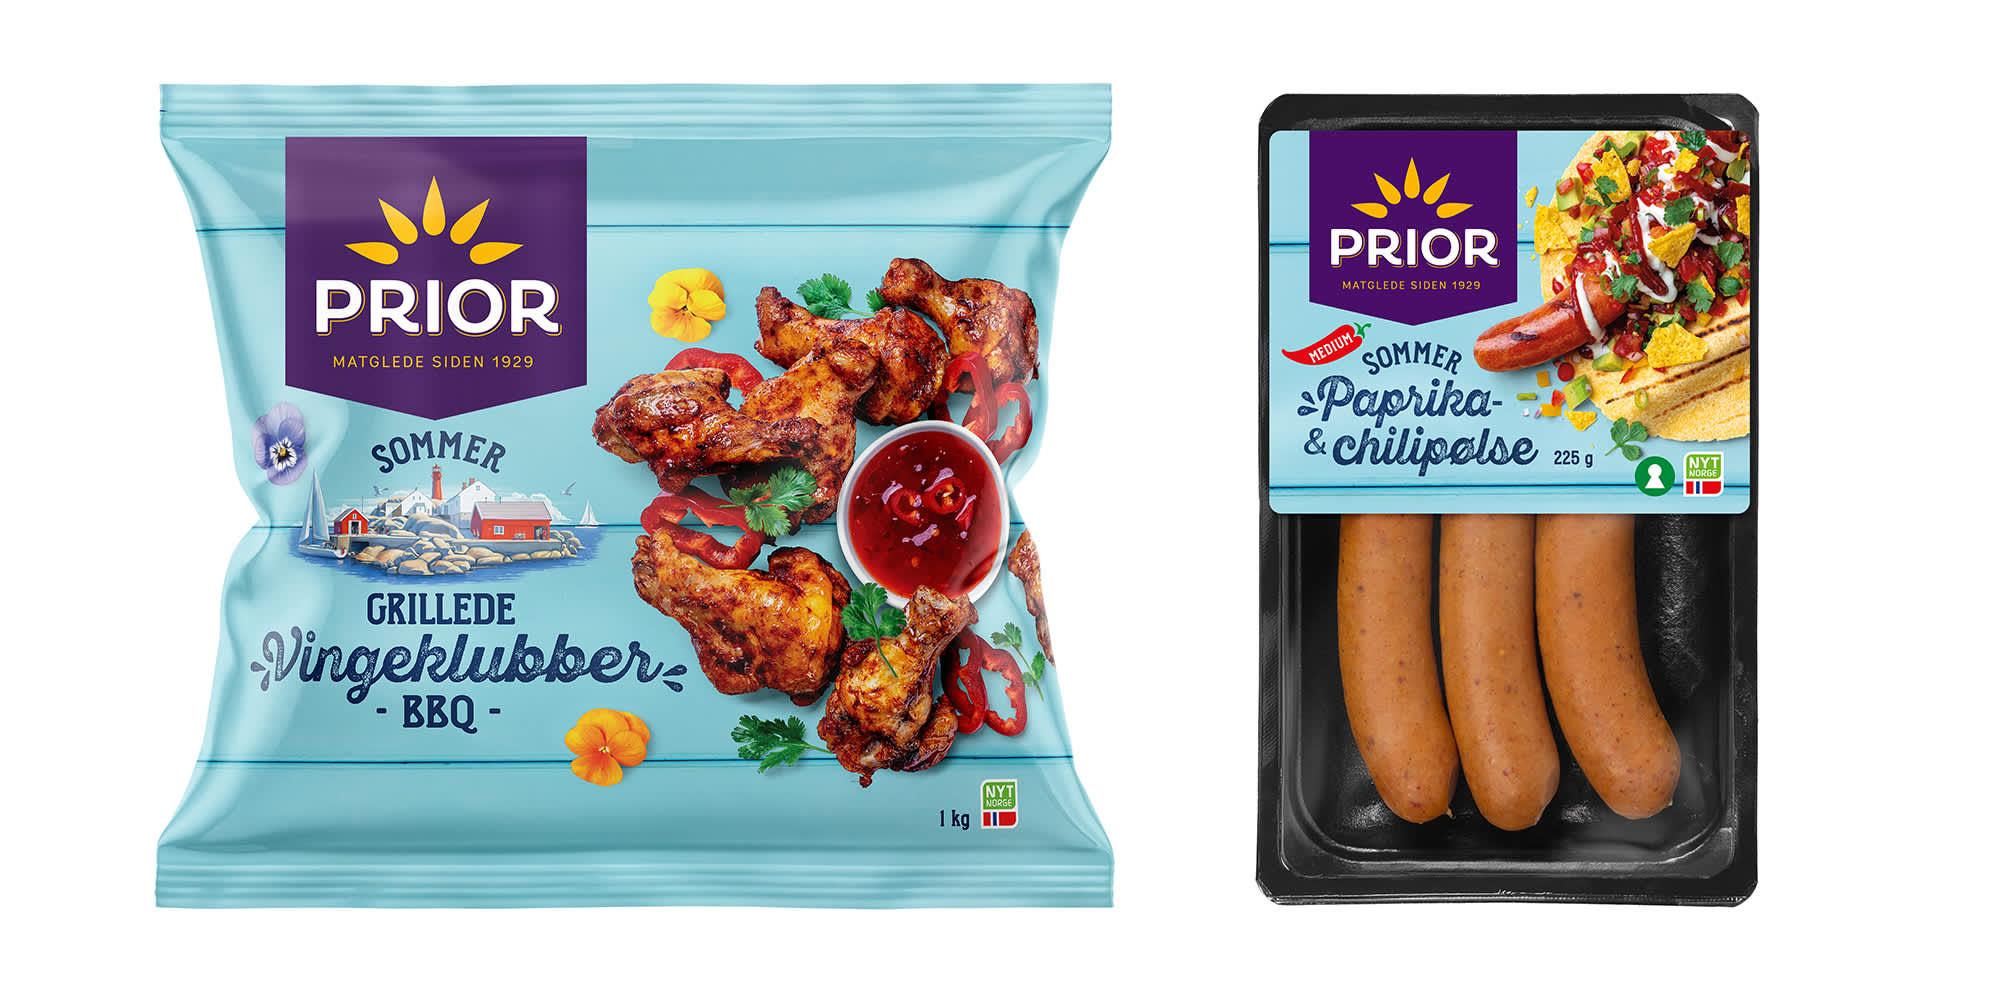 Prior grillede vingeklubber BBQ og Paprika- & Chilipølse.